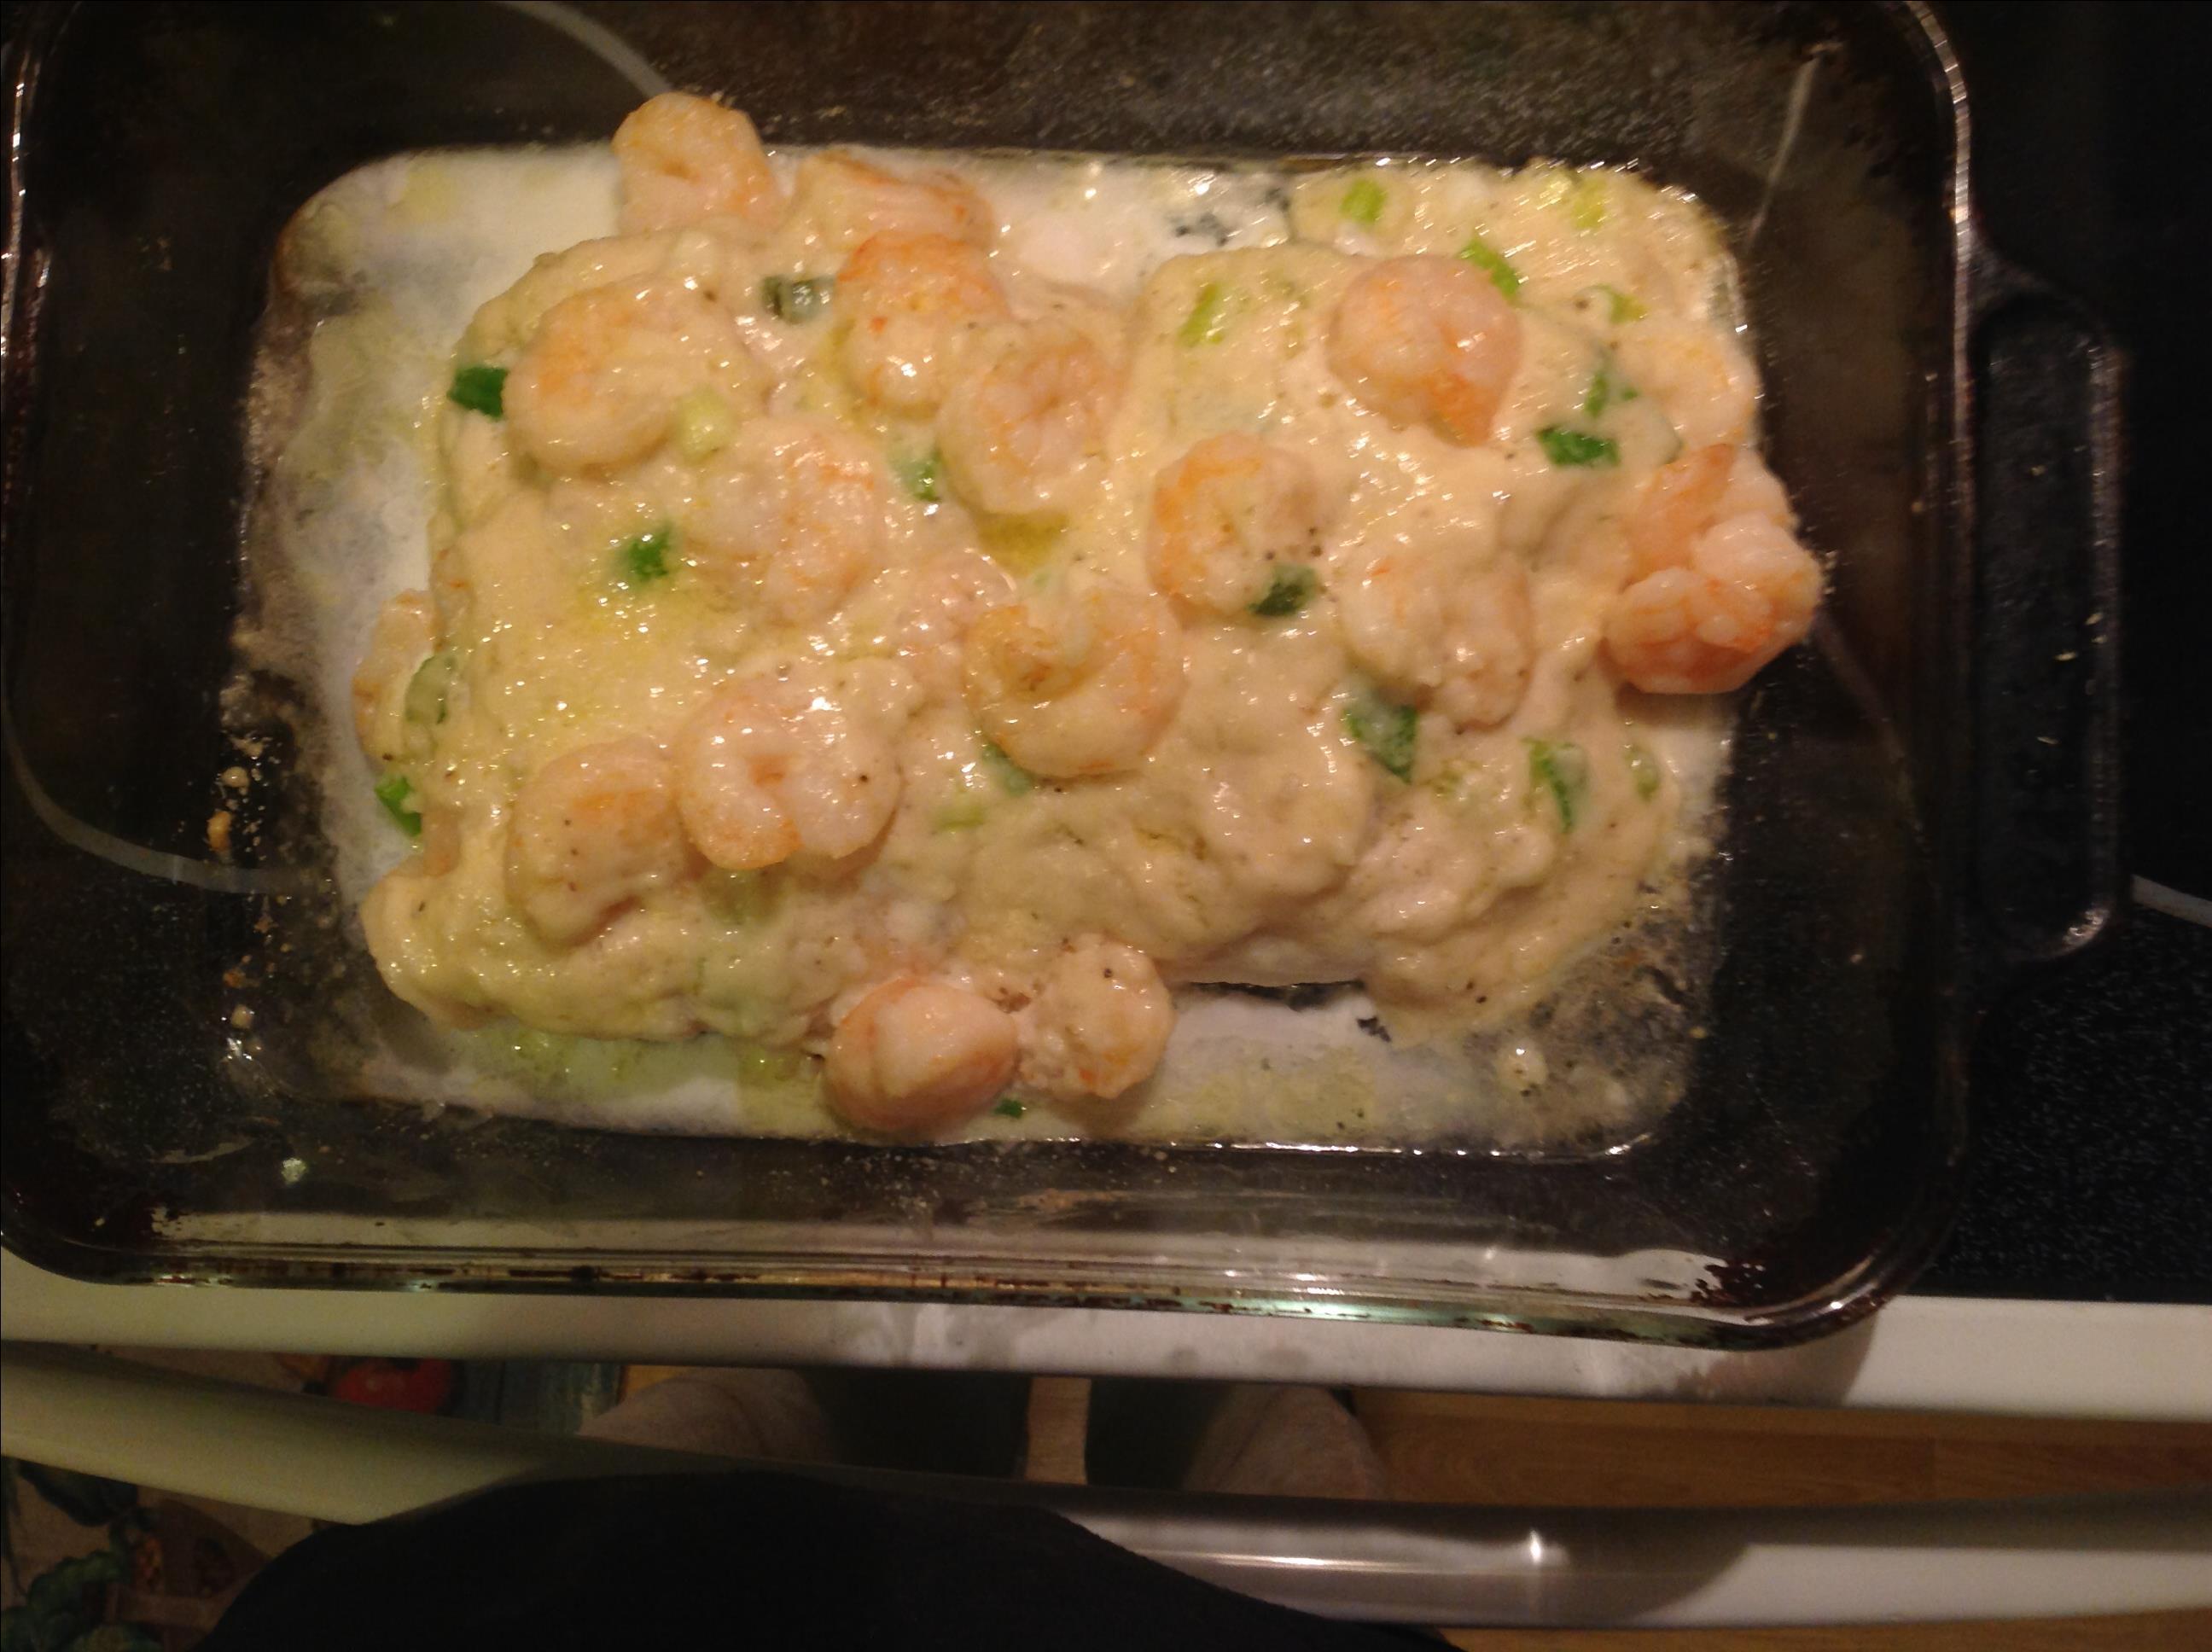 Baked Fish with Shrimp Etcm